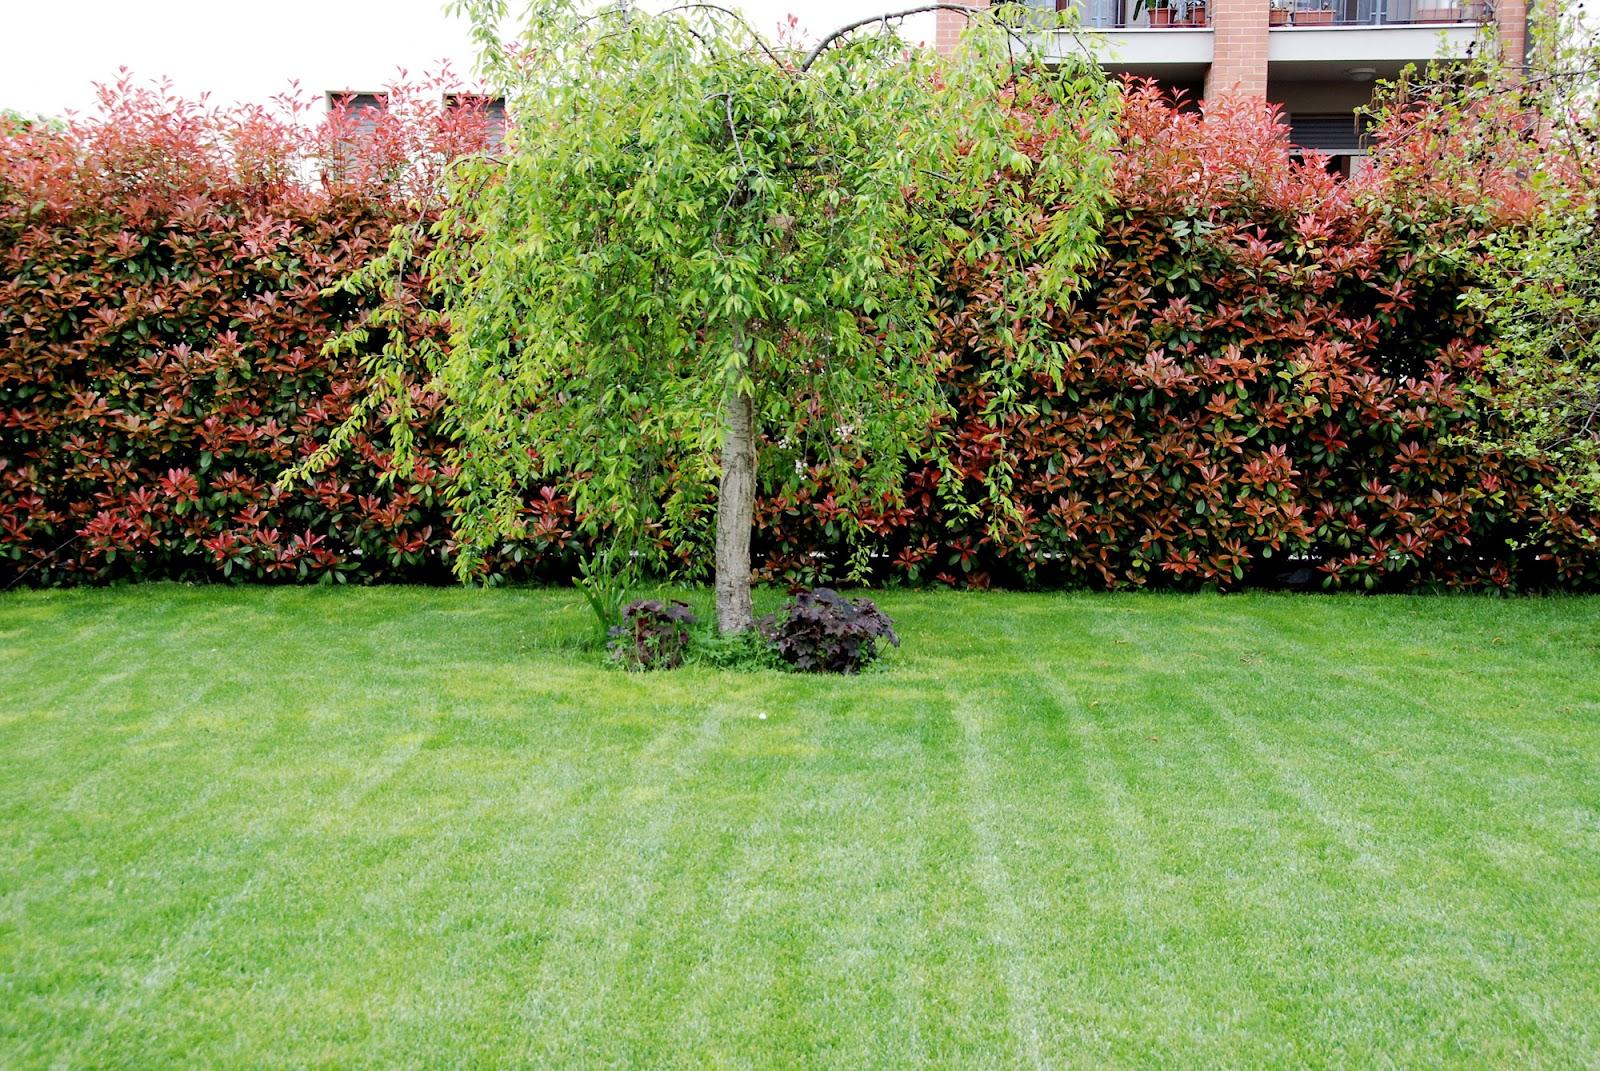 Il mondo in un giardino: Fine aprile in giardino